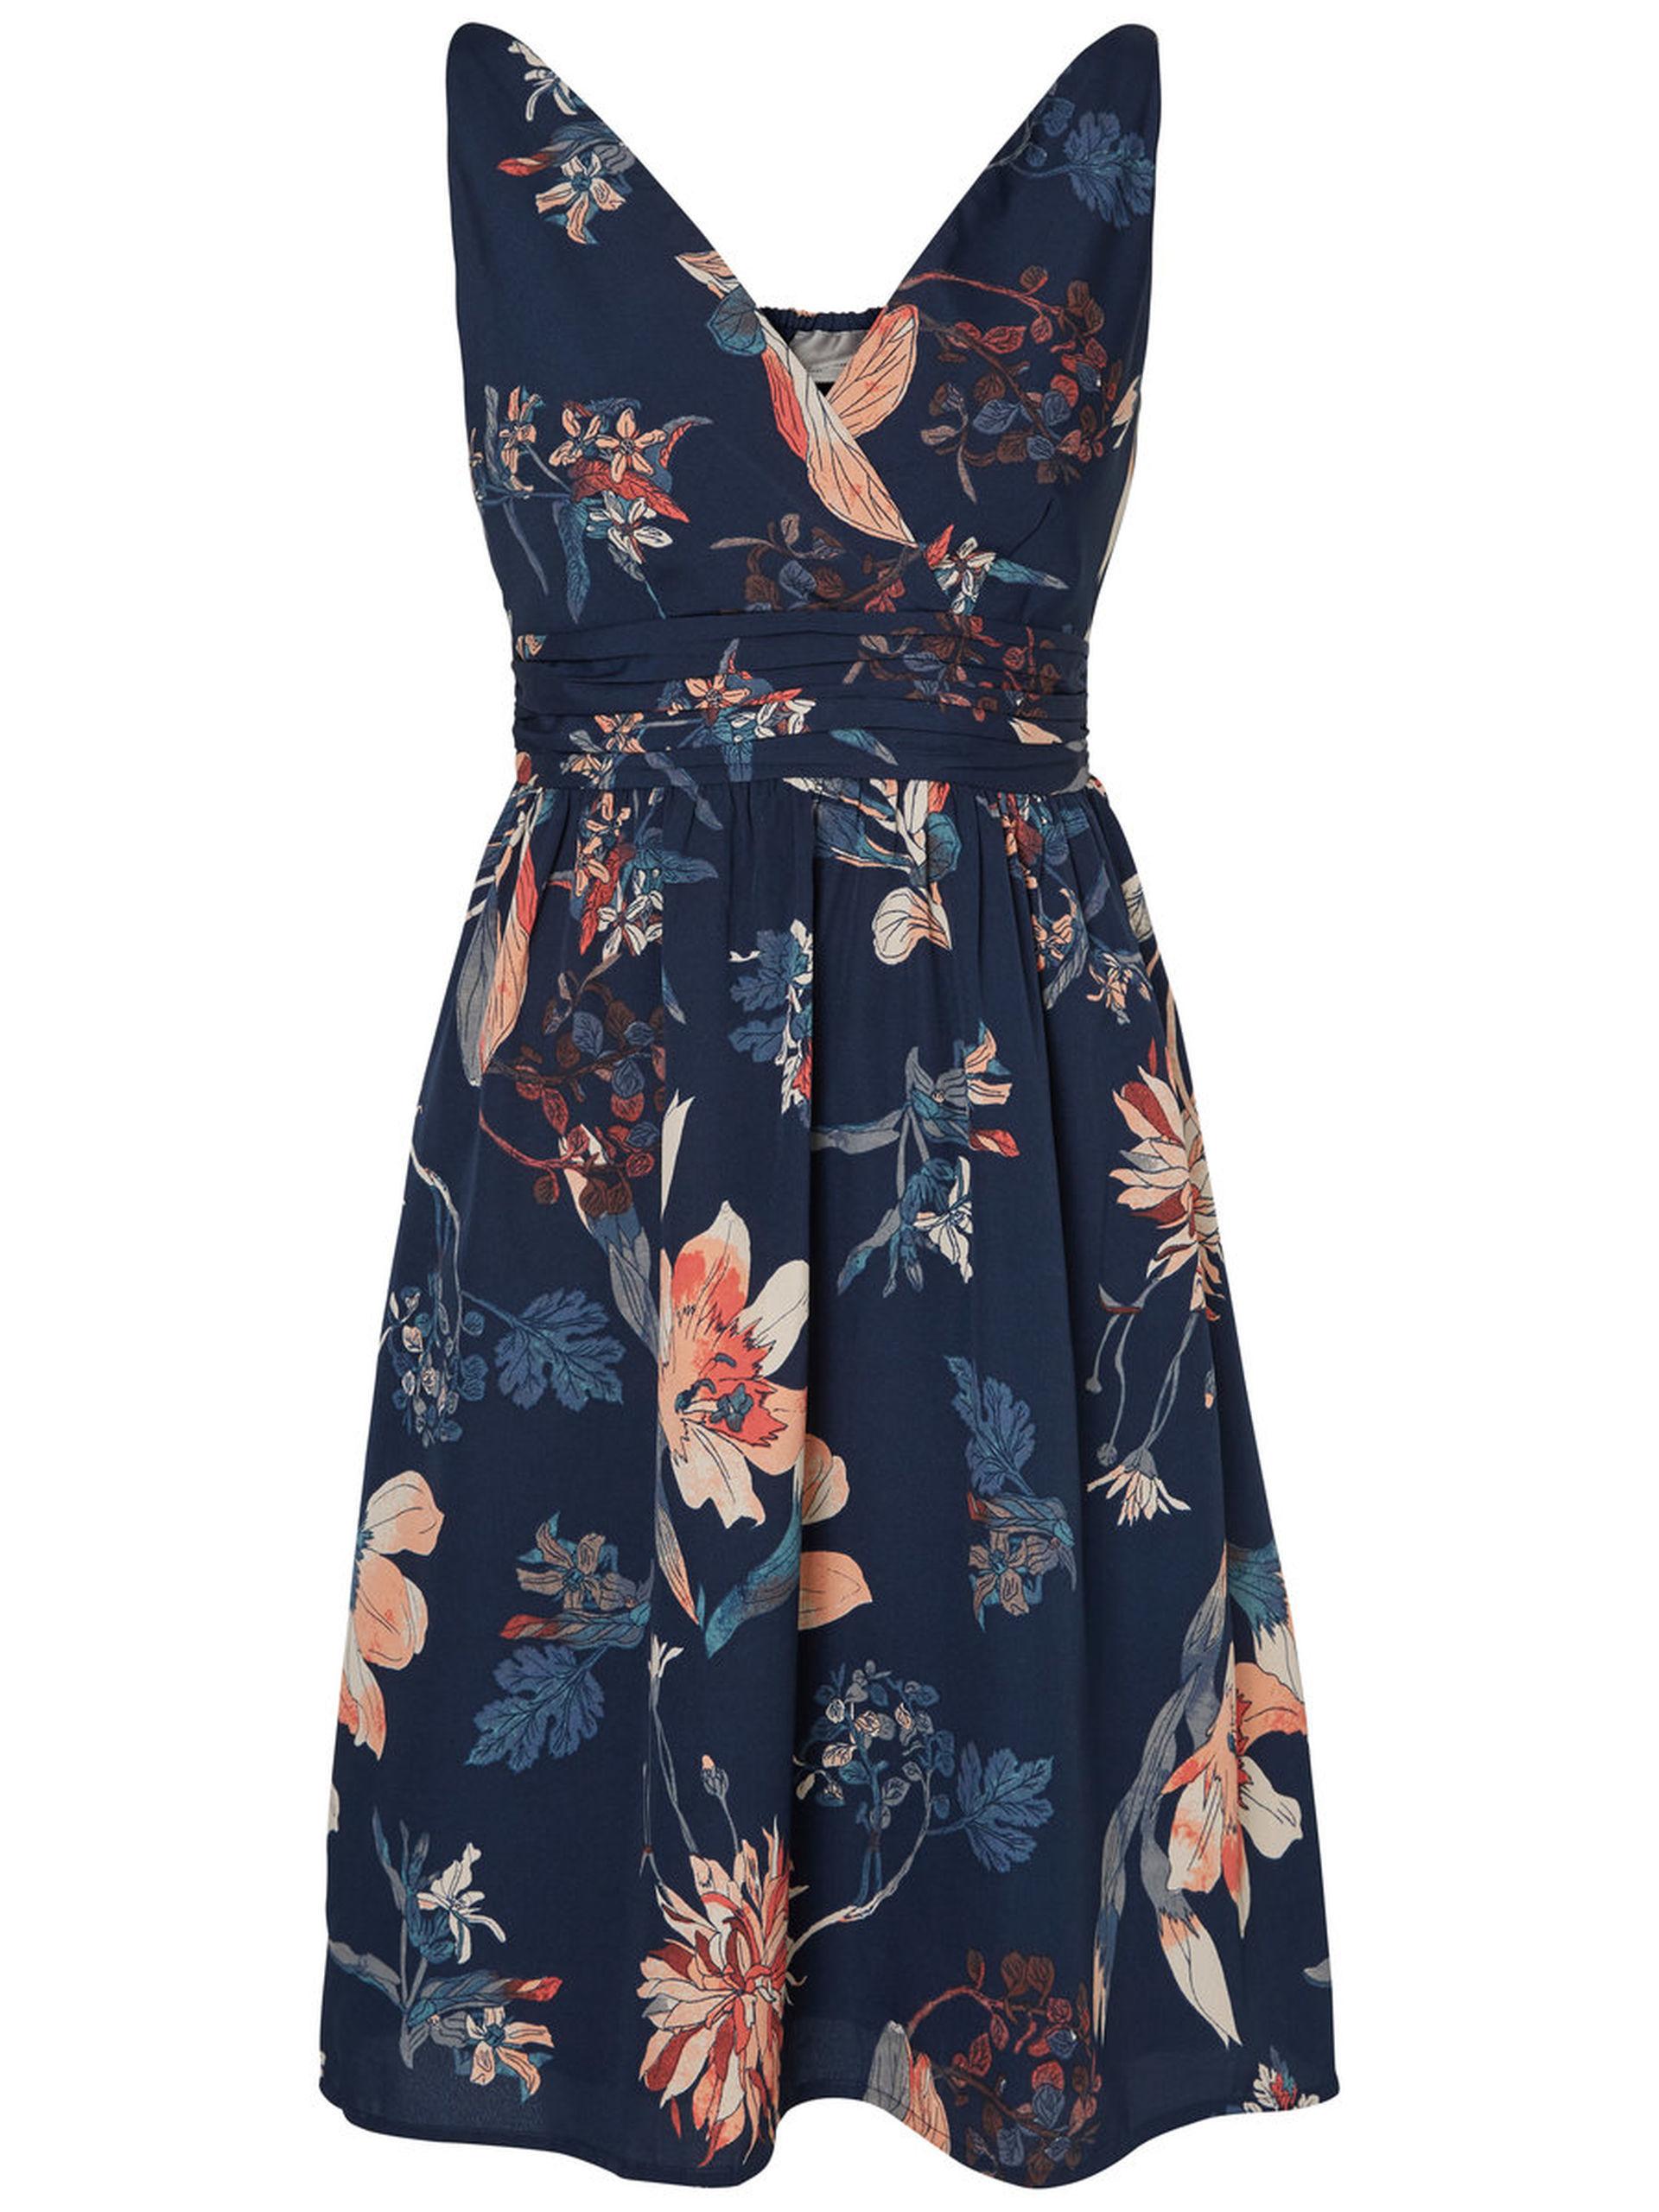 Vestido con estampado floral de Vero Moda. 29,99 euros.